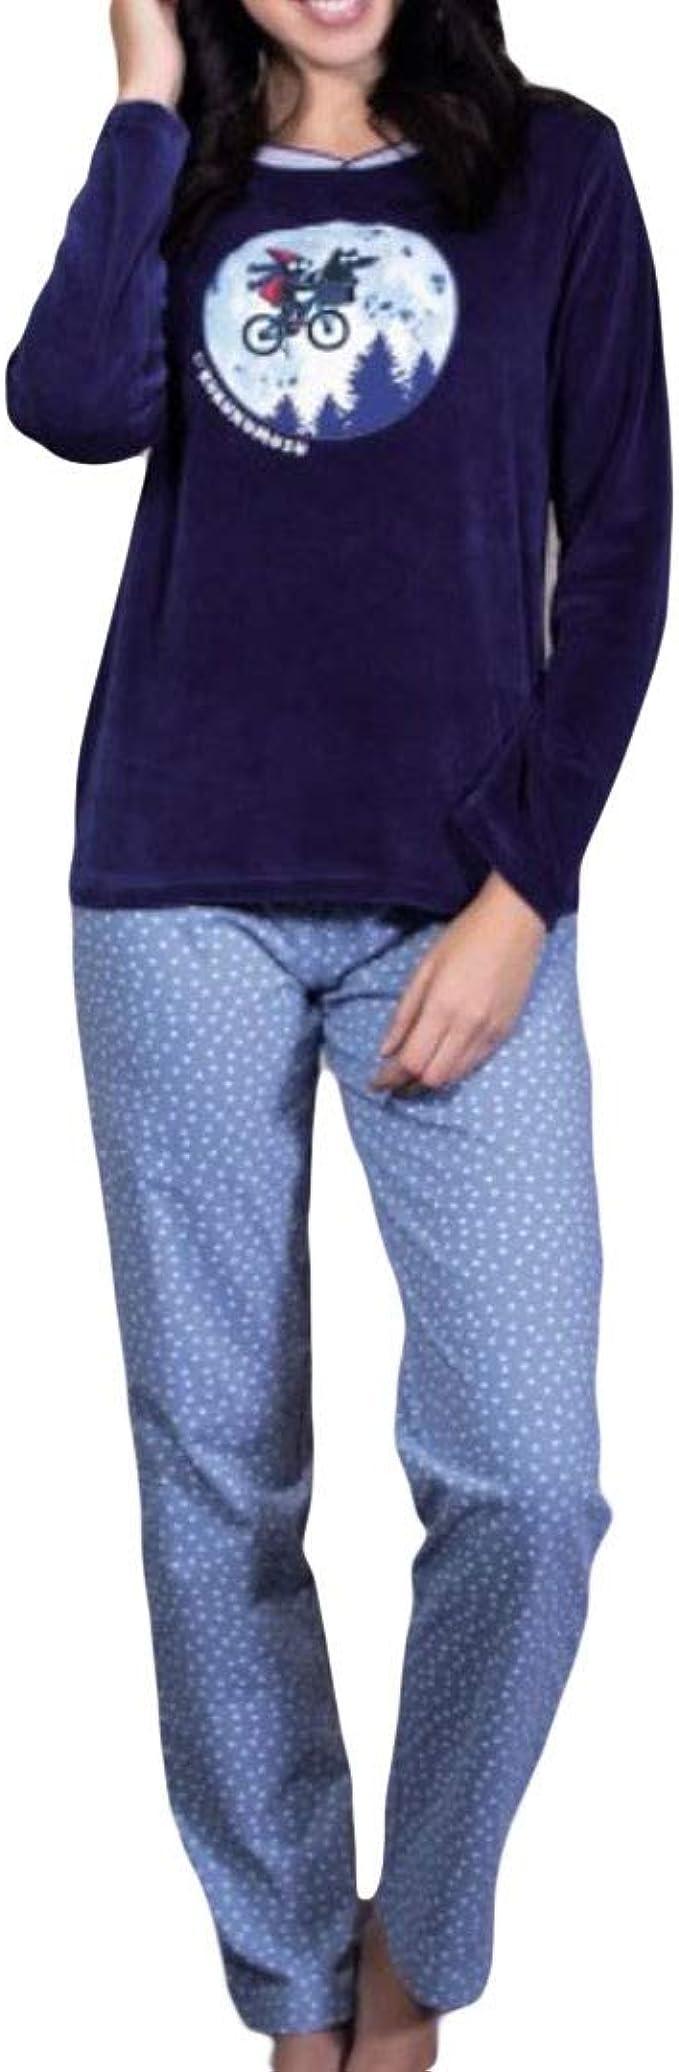 Kukuxumusu - Pijama Mujer Terciopelo Mujer Color: Marino ...